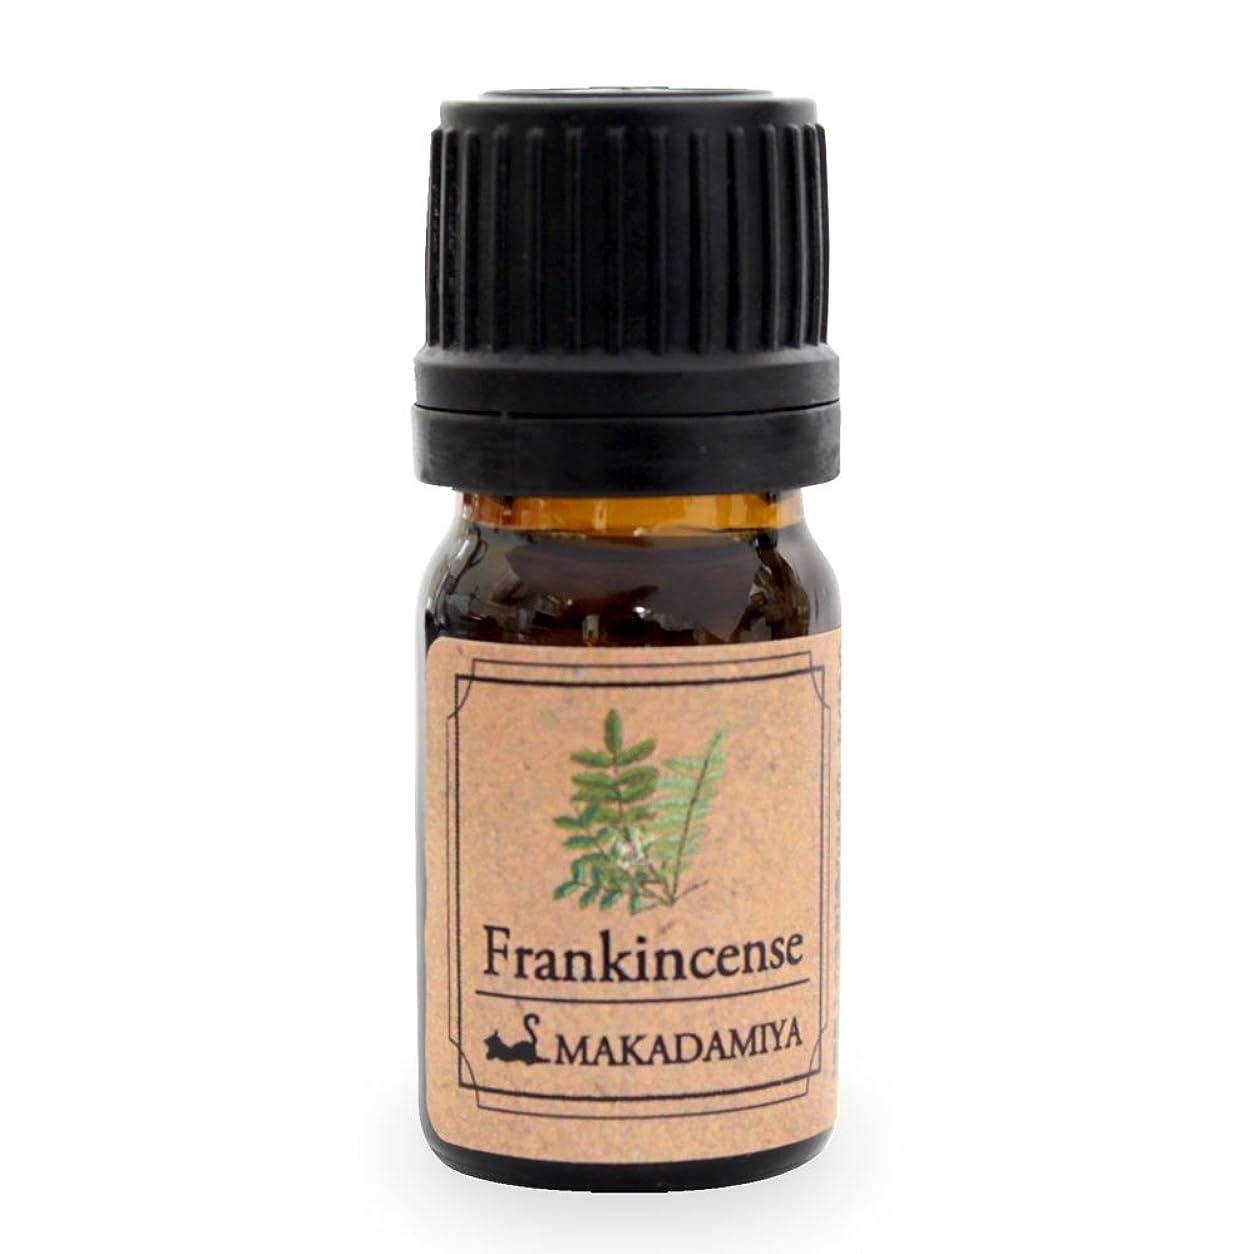 姿を消すあらゆる種類の香ばしいフランキンセンス5ml 天然100%植物性 エッセンシャルオイル(精油) アロマオイル アロママッサージ aroma Frankincense